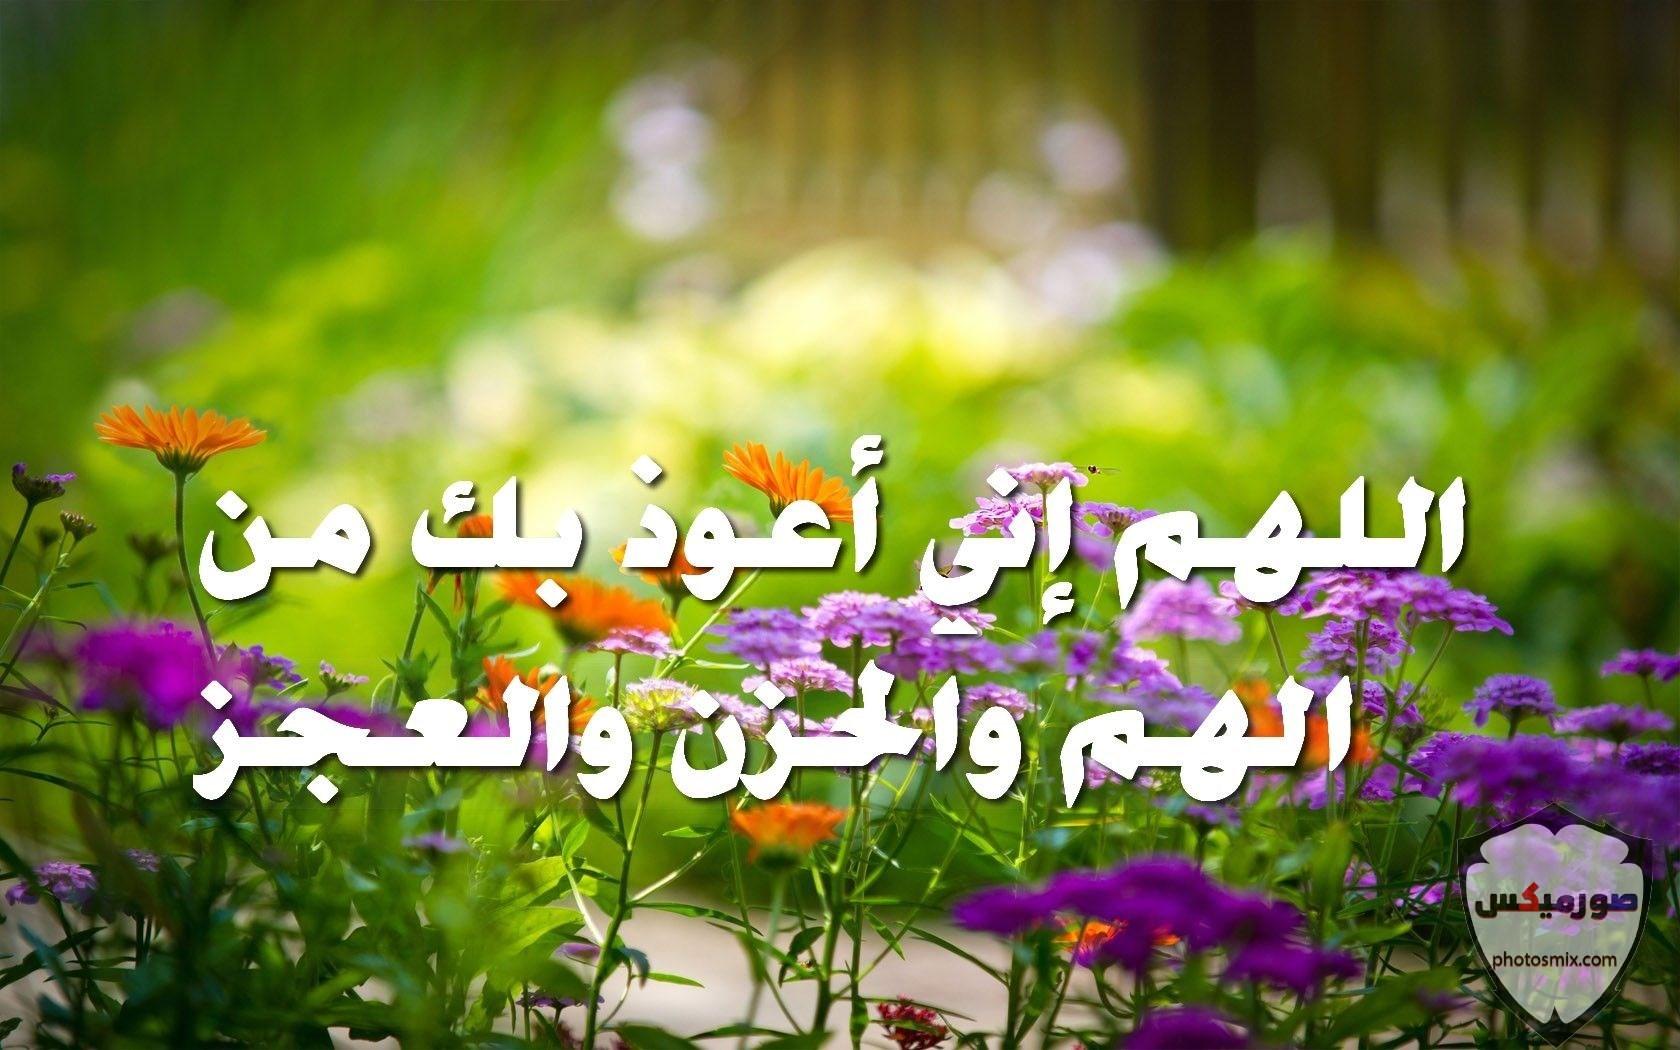 صور قرآن جميلة صور دعاء ادعية مصور صور وخلفيات مكتوب عليها الله 12